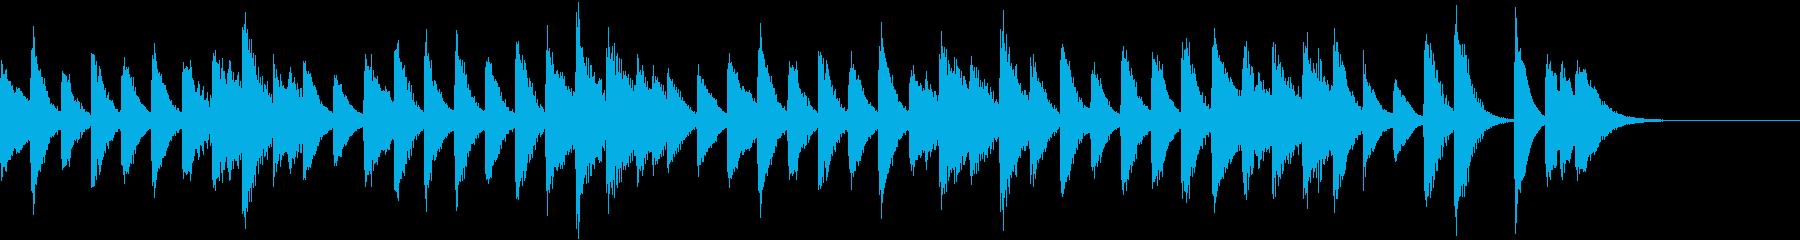 パレードっぽい行進曲風ピアノジングルの再生済みの波形